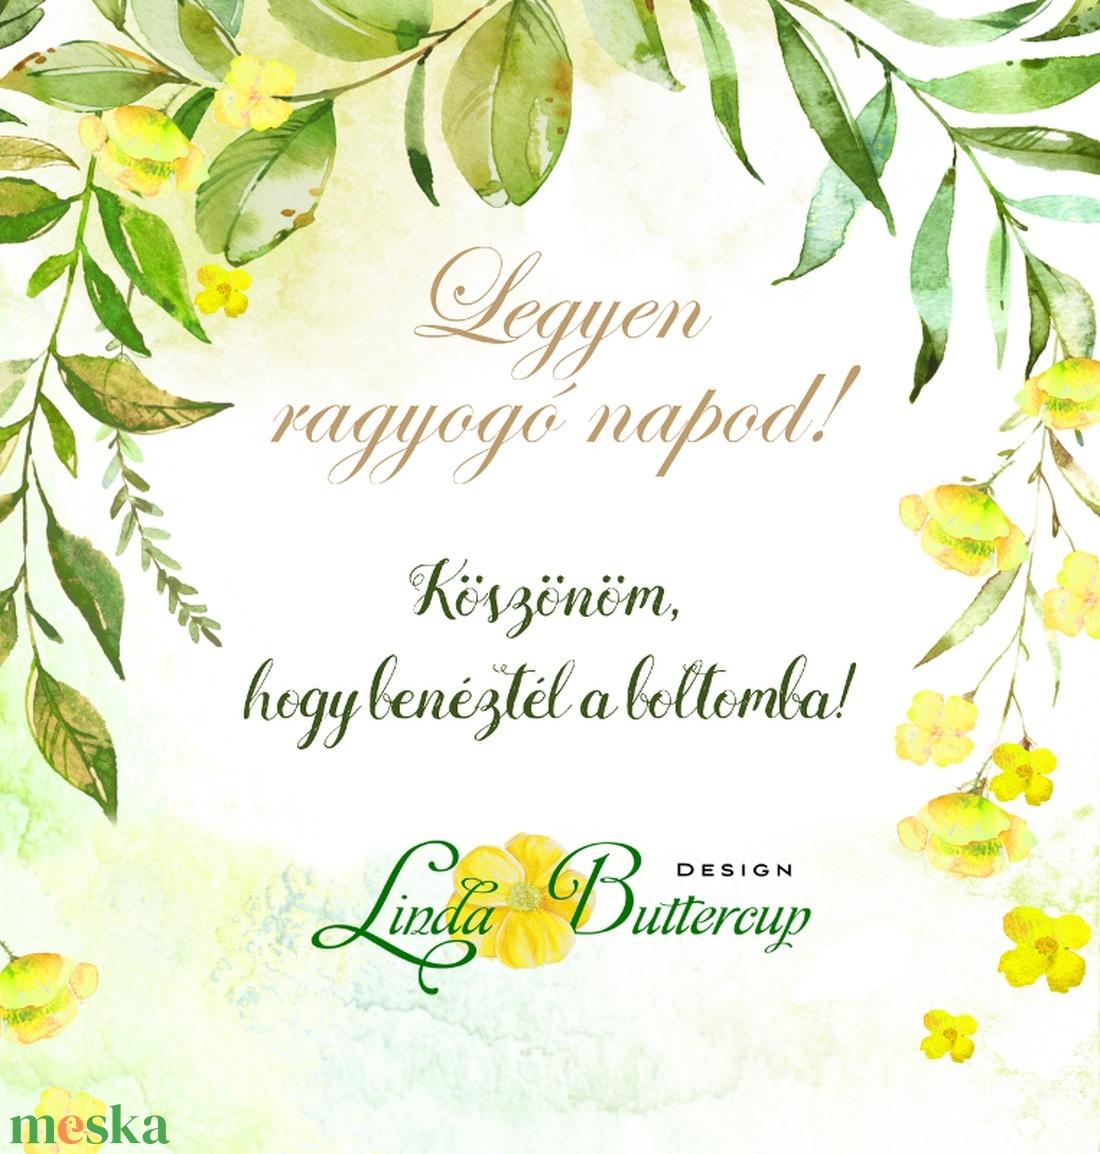 Egy lapos Menü, Itallap, Étlap, Vacsora, esküvői menüsor, virágos, romantikus, nyugalmas, békés - esküvő - meghívó & kártya - menü - Meska.hu